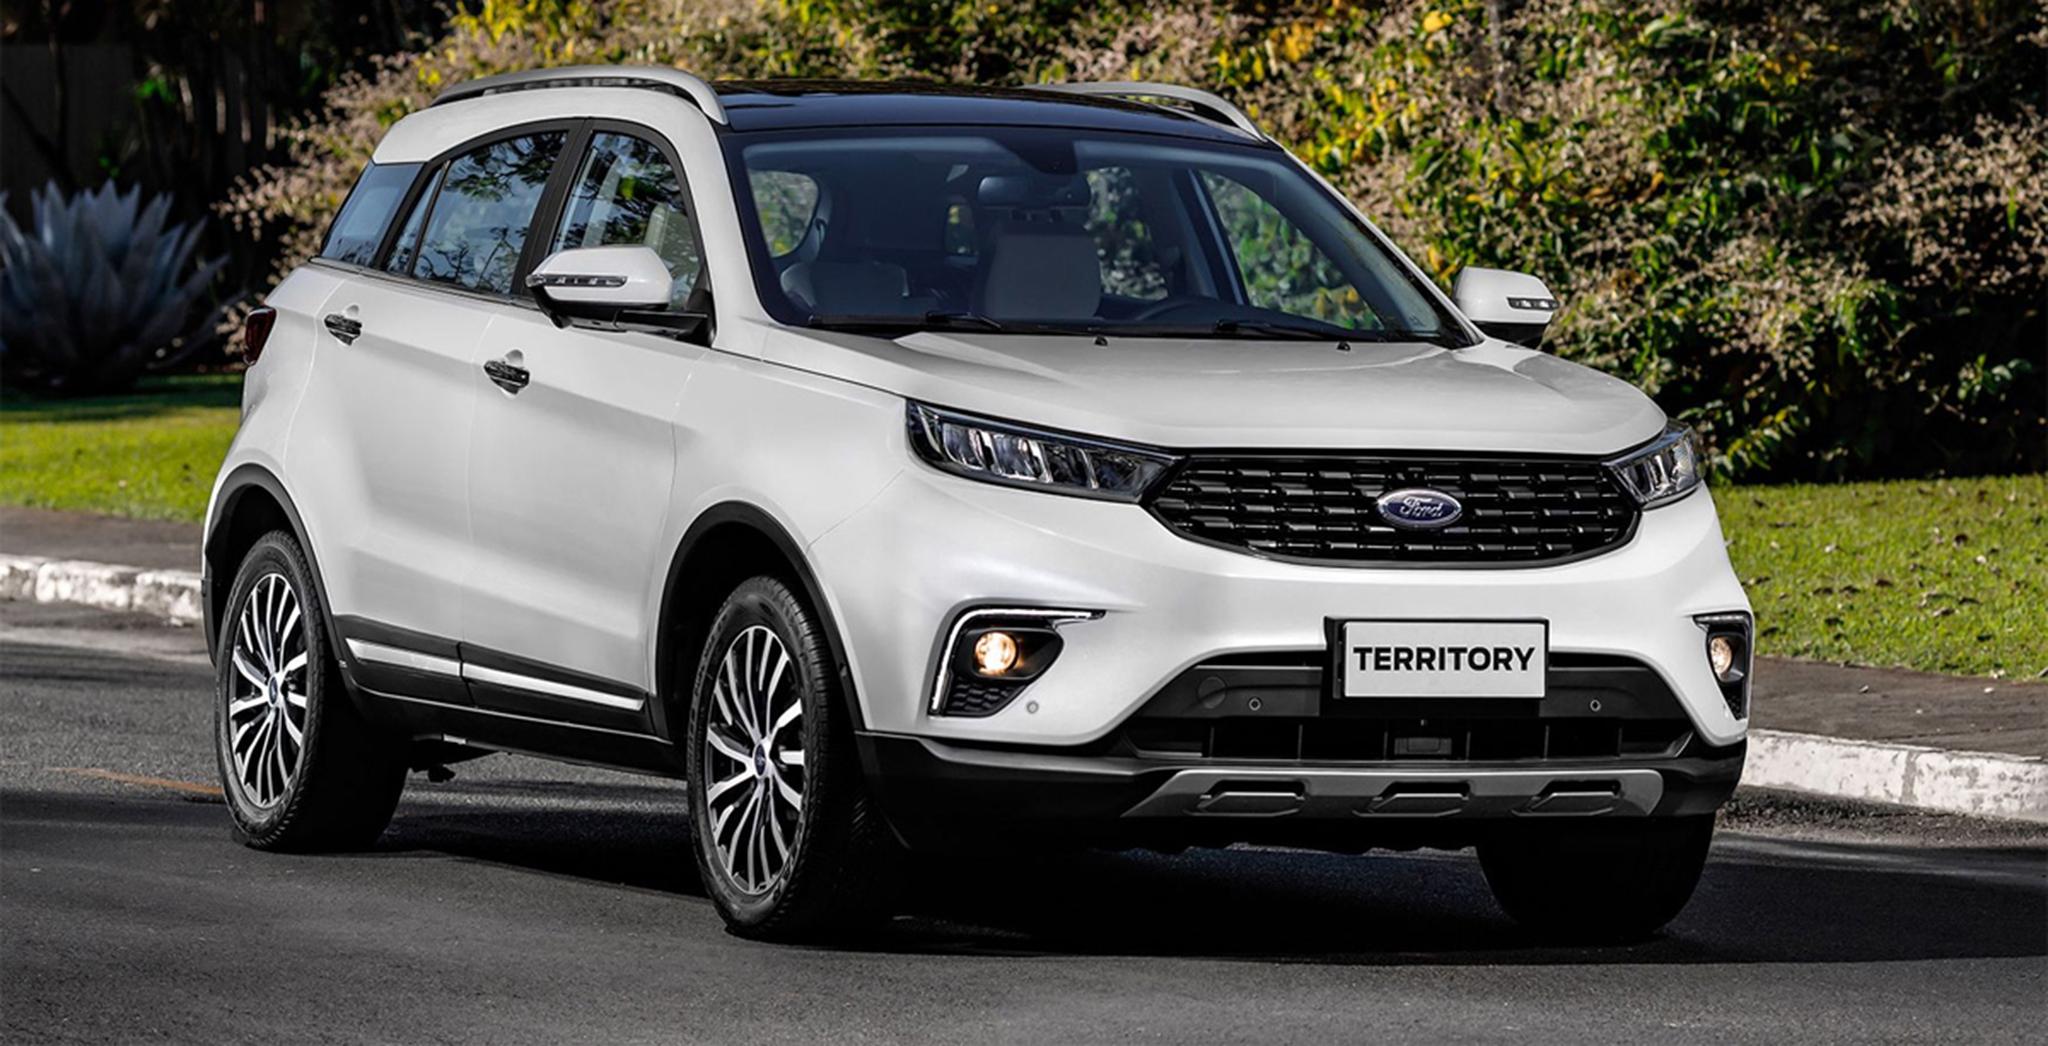 Loạt xe hot sắp ra mắt, hứa hẹn gây sốt thị trường xe Việt năm 2021 Không phải Escape, đây mới là mẫu SUV Ford sắp bán tại Việt Nam? ford-territory-1-9755-1597286918.jpg